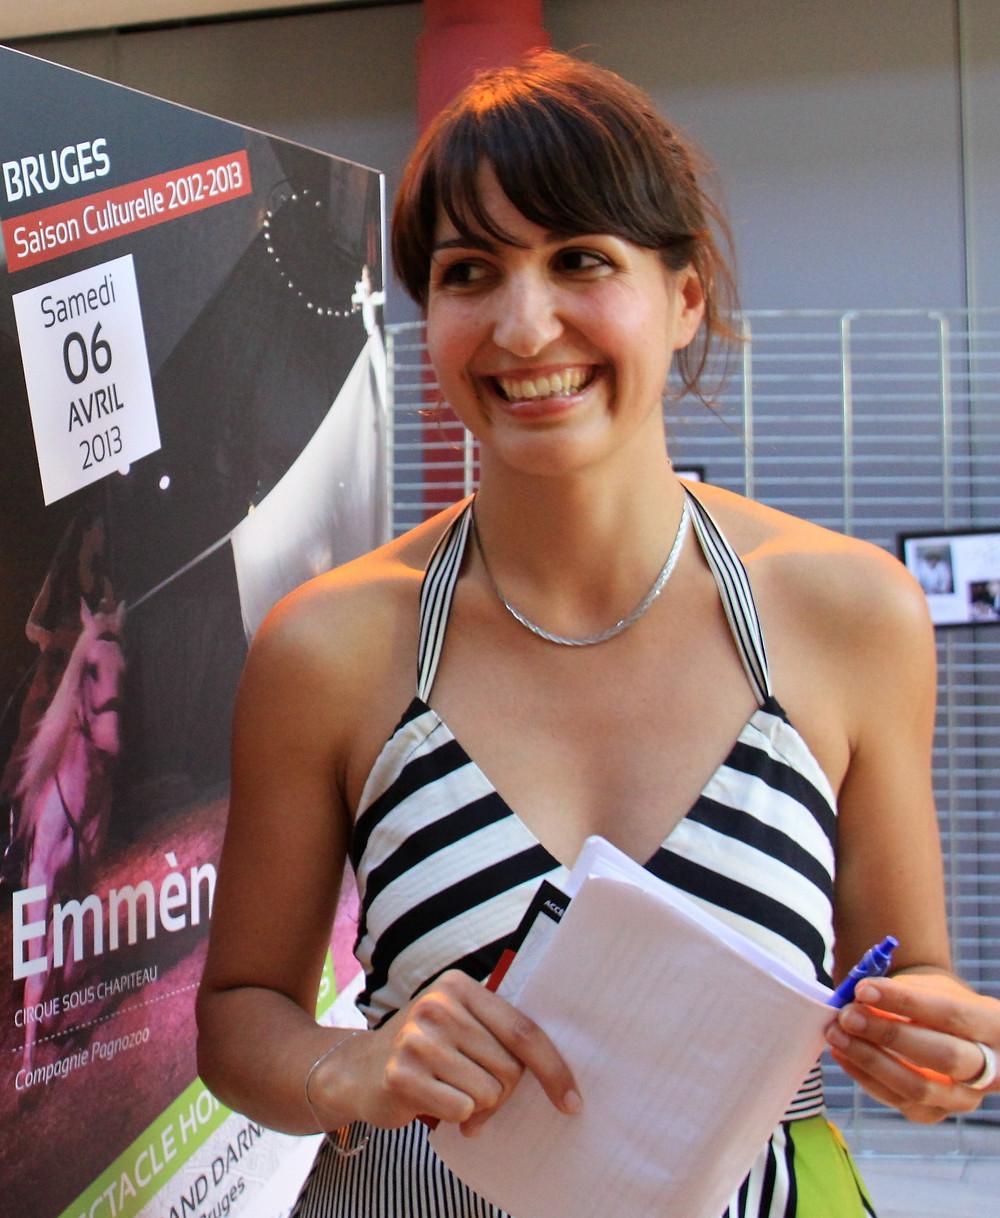 Géraldine Dedieu, directrice des affaires culturelles de Bruges